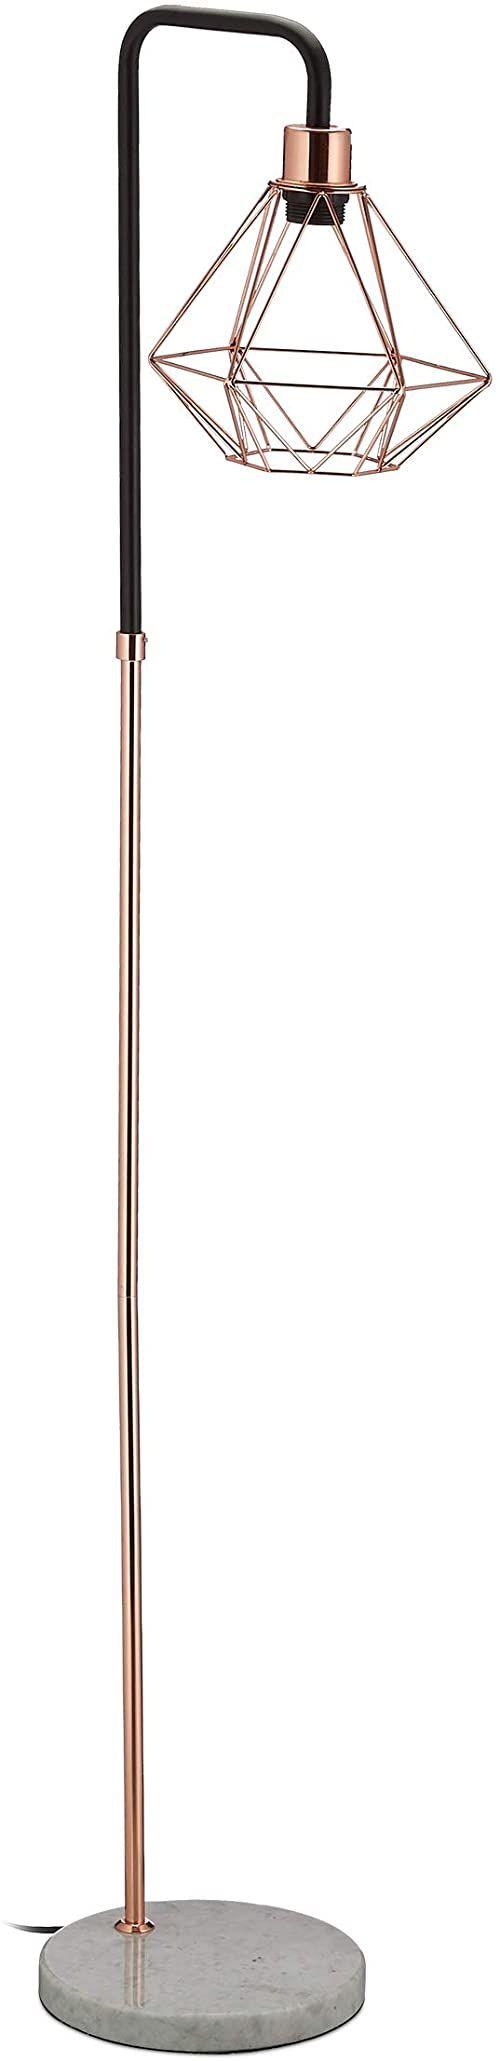 Relaxdays Lampa stojąca, klosz w kształcie diamentu, marmurowa nóżka, salon, E27, wys. x szer. x głęb. 149 x 24,5 x 29 cm, miedź/czarny/biały, stal